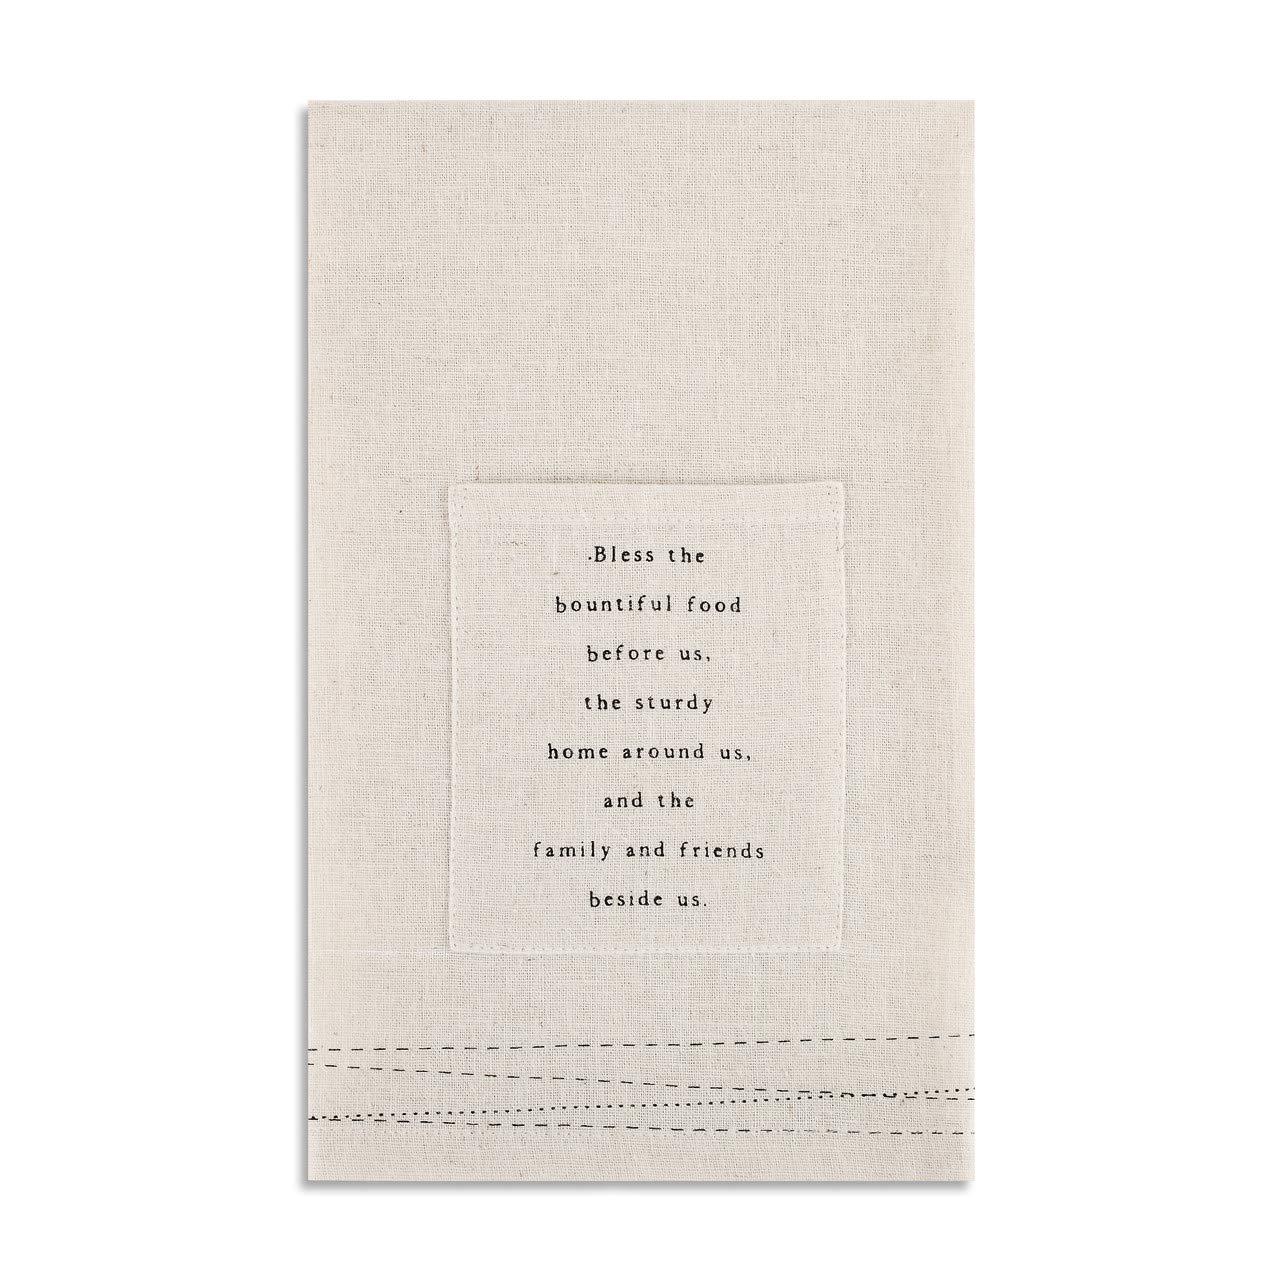 Blessings クリーム 18 x 18 コットン生地 キッチン用具 ポケット 布ナプキン 2枚セット   B07MZCN2SV